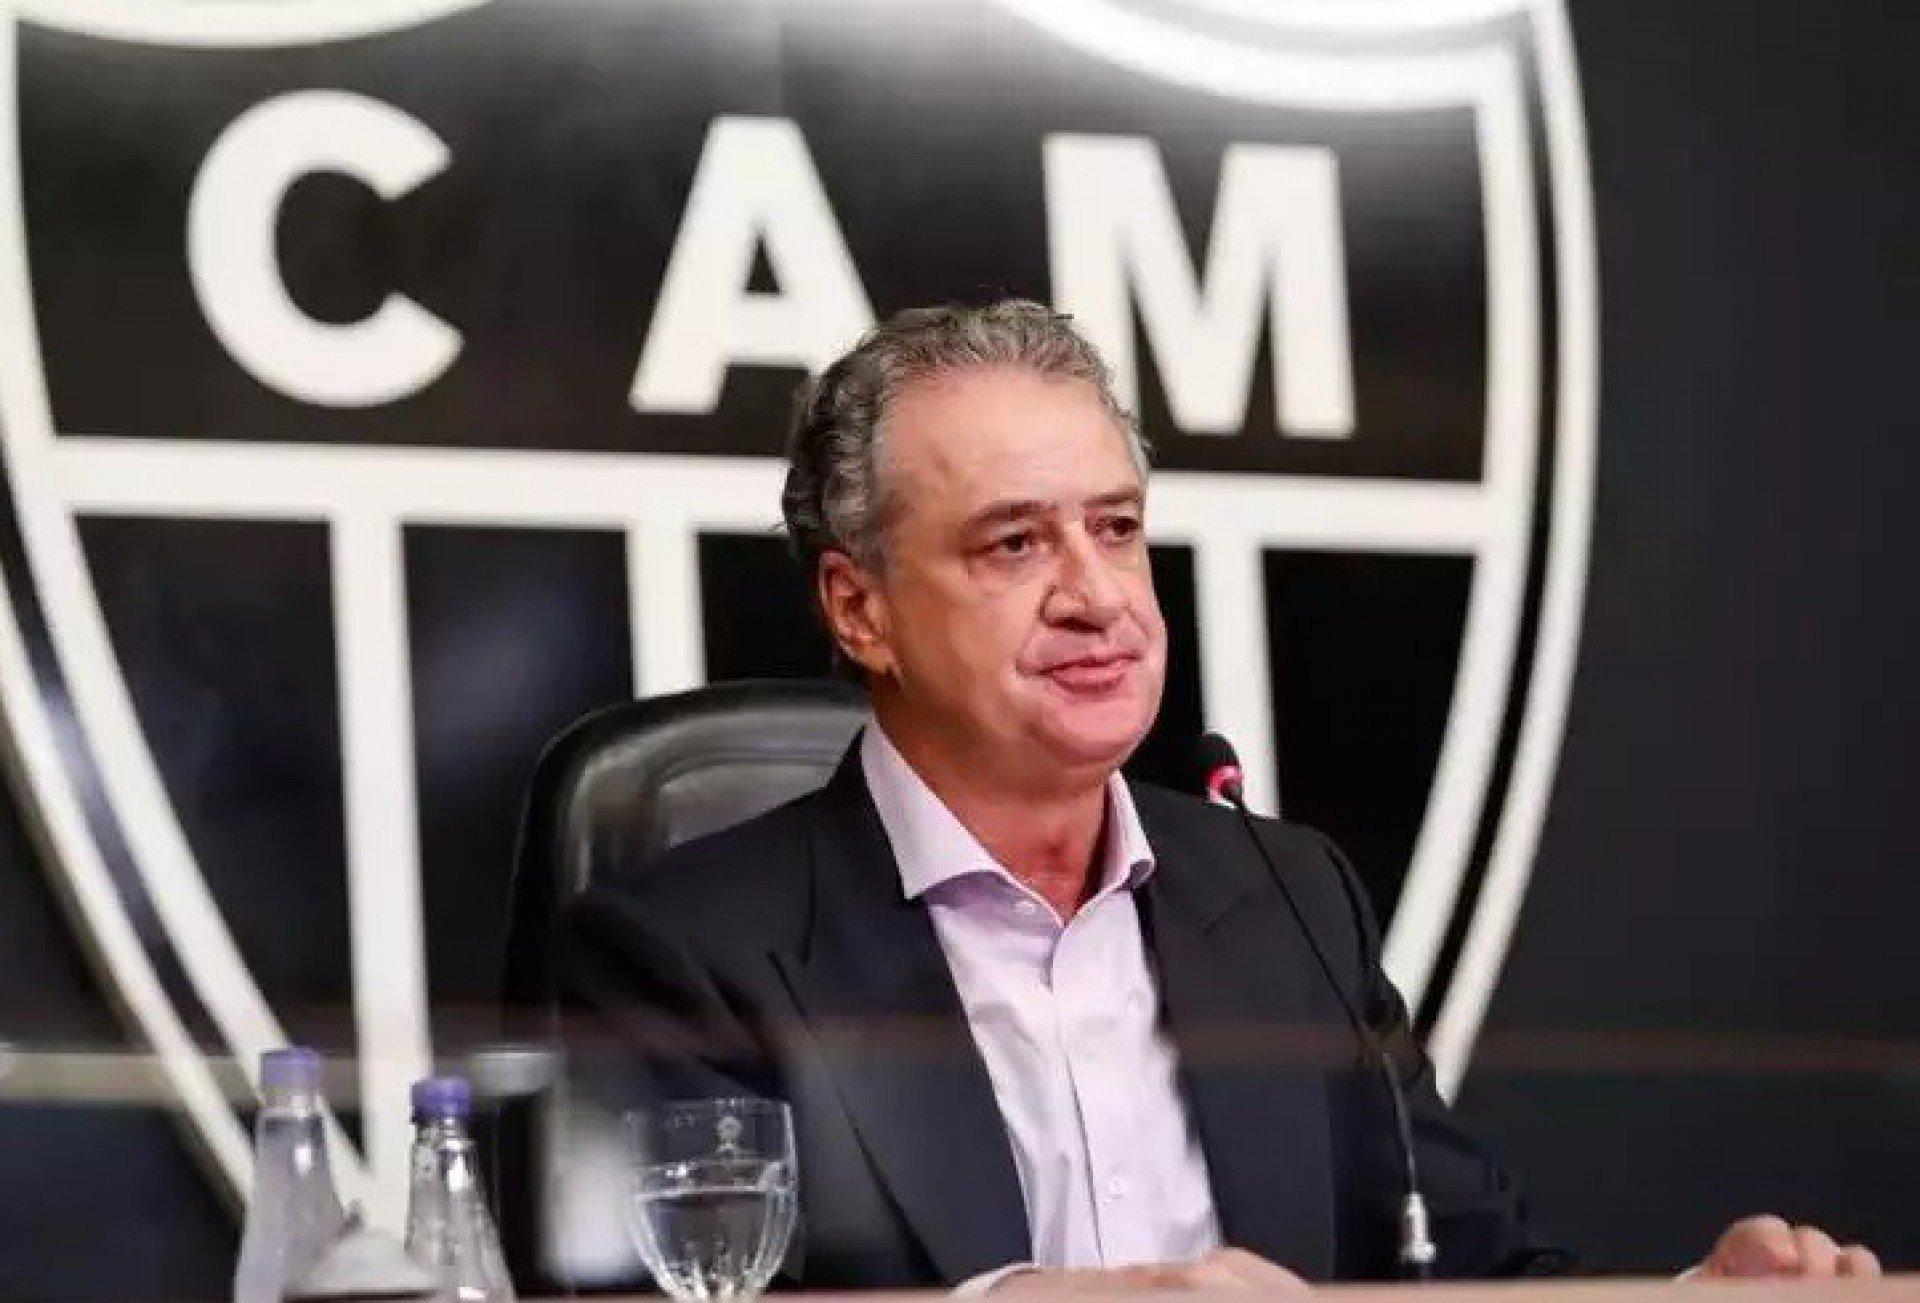 Presidente do Atlético-MG dispara sobre partidas com público: 'Se o Flamengo jogar, jogaremos também'